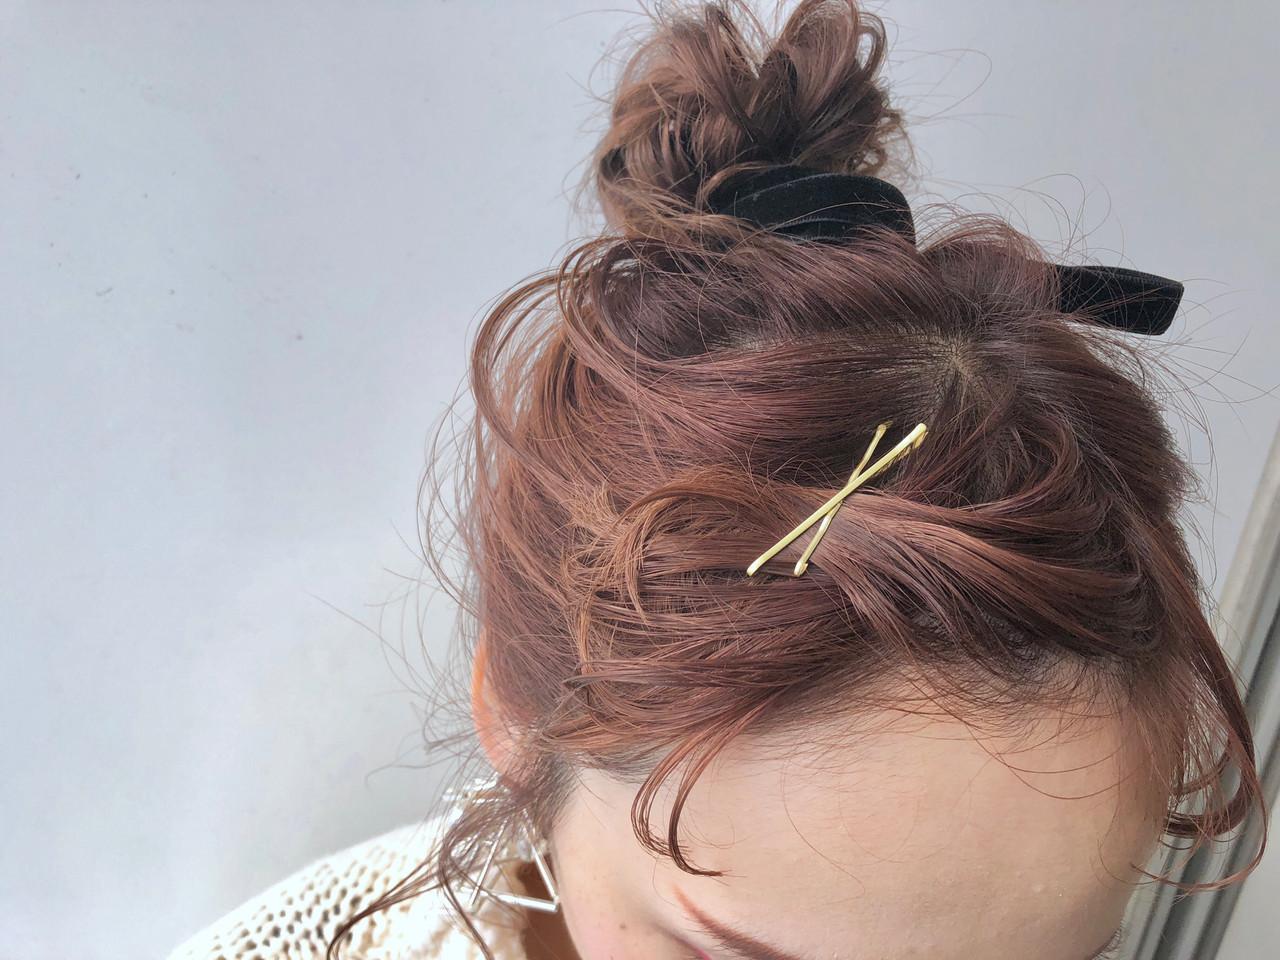 ヘアアクセ ロング ヘアアレンジ ヘアピン ヘアスタイルや髪型の写真・画像